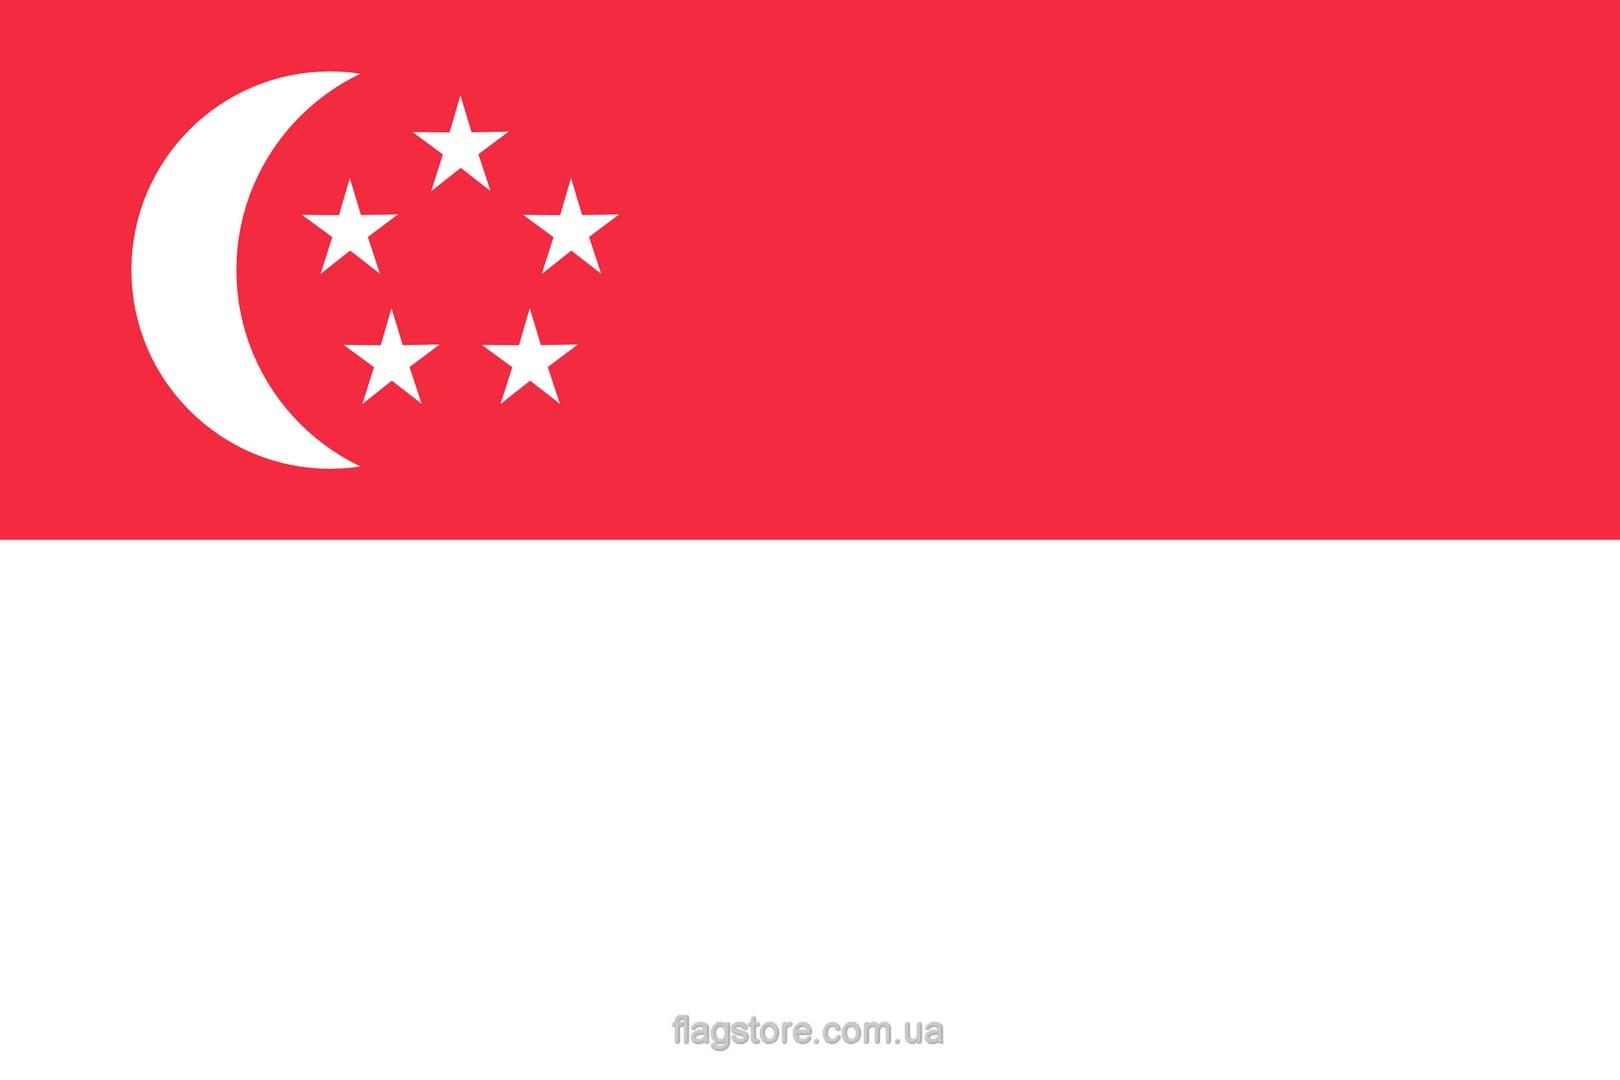 Купить флаг Сингапура (страны Сингапур)